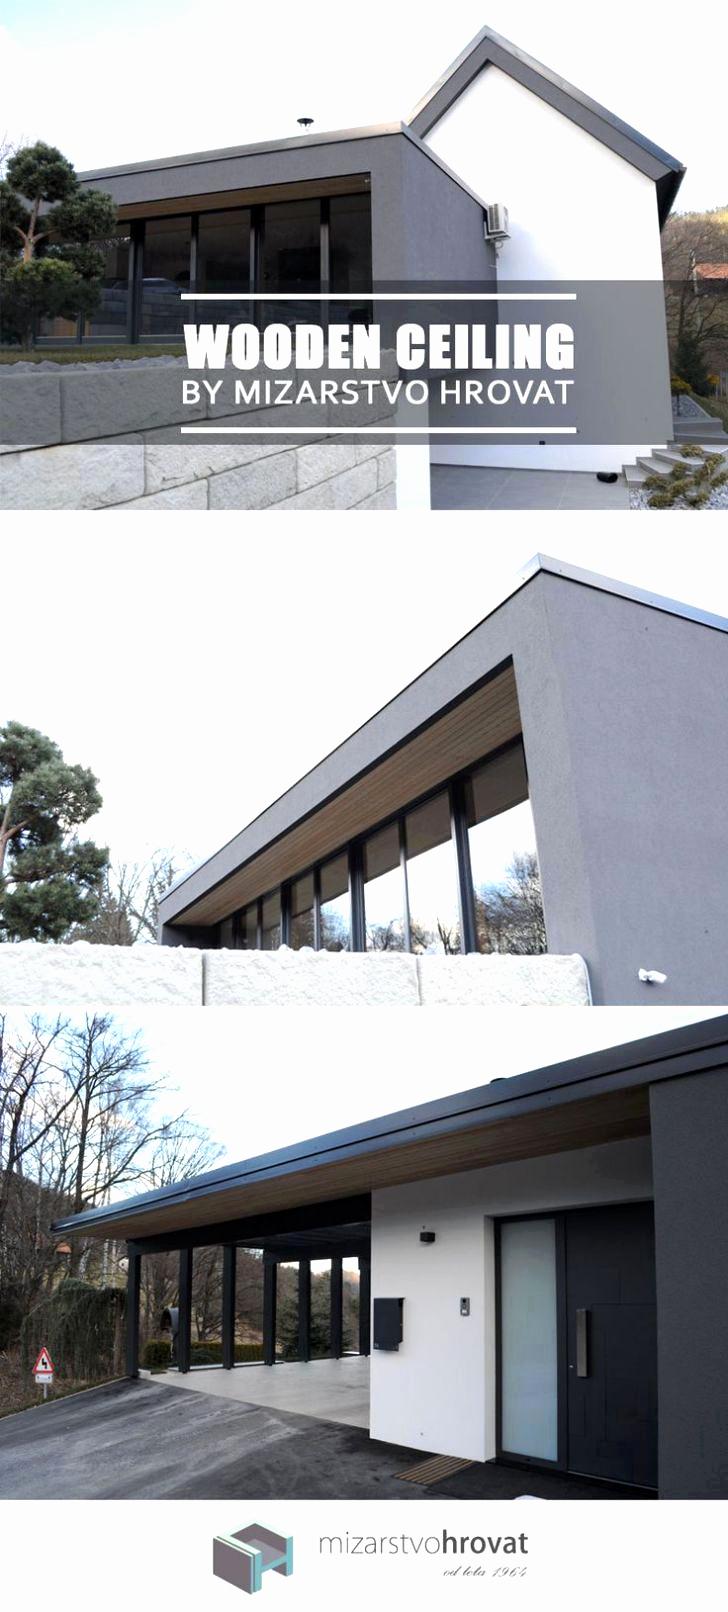 Portail Coulissant Brico Depot Luxe Portail Coulissant Bri Arché élégant 48 Recouvrement